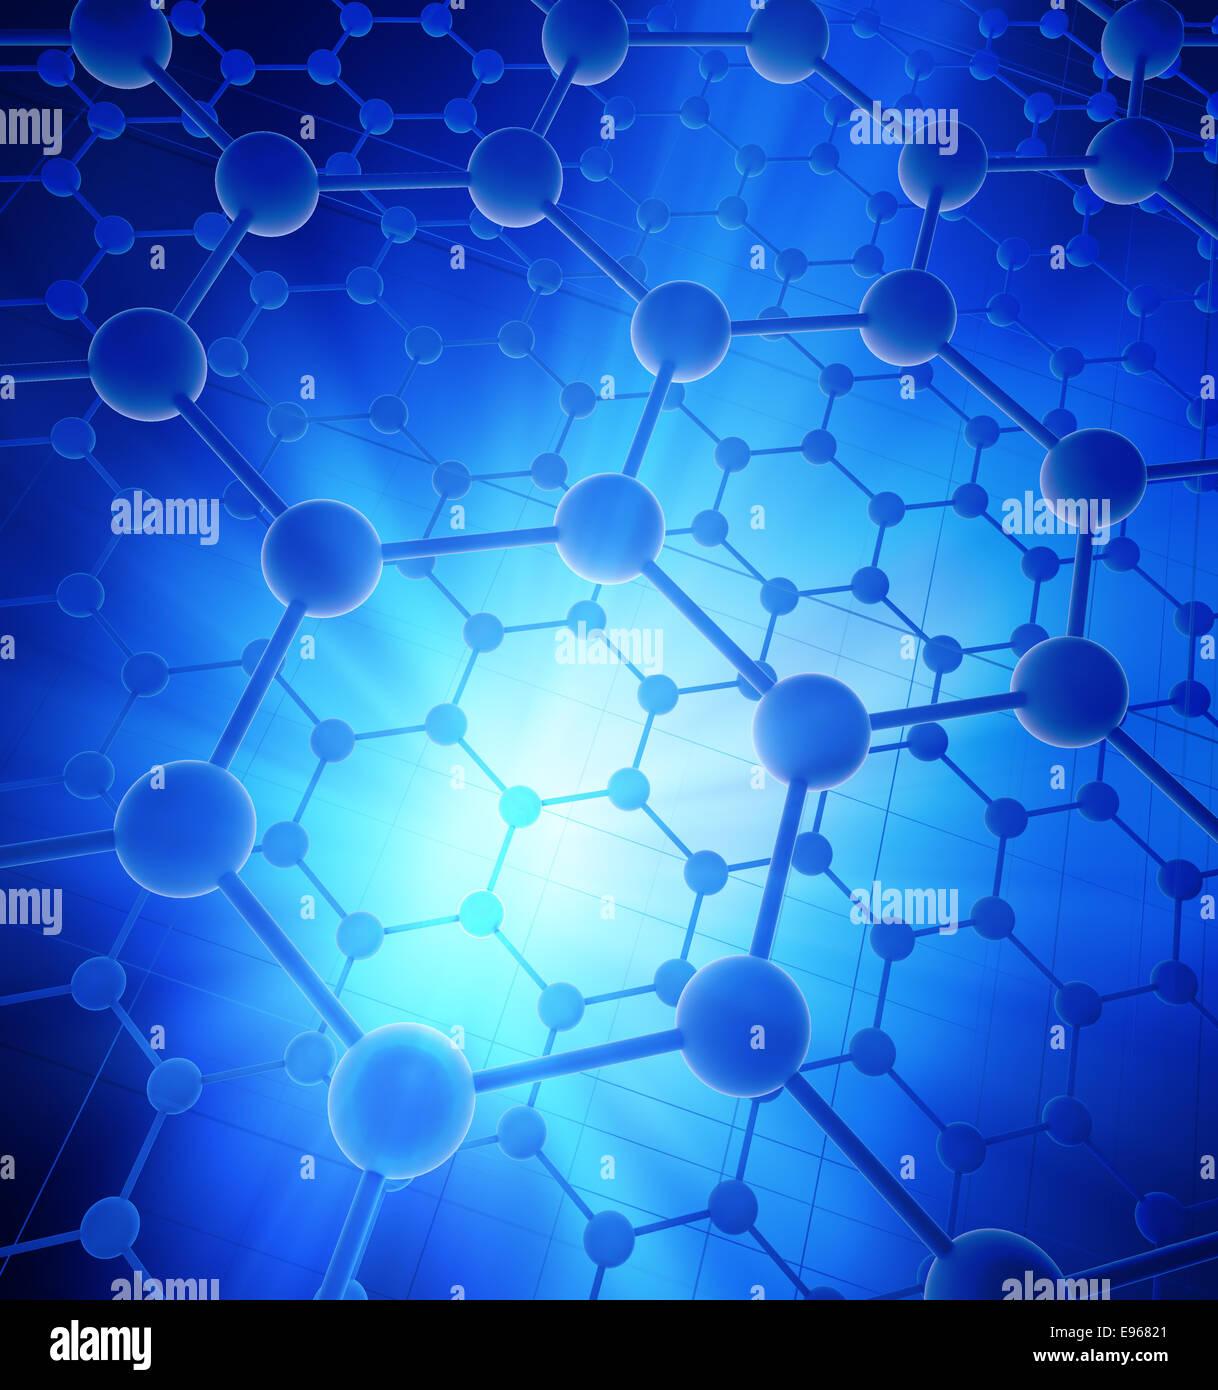 Graphene atomic structure - nanotechnology background illustration - Stock Image